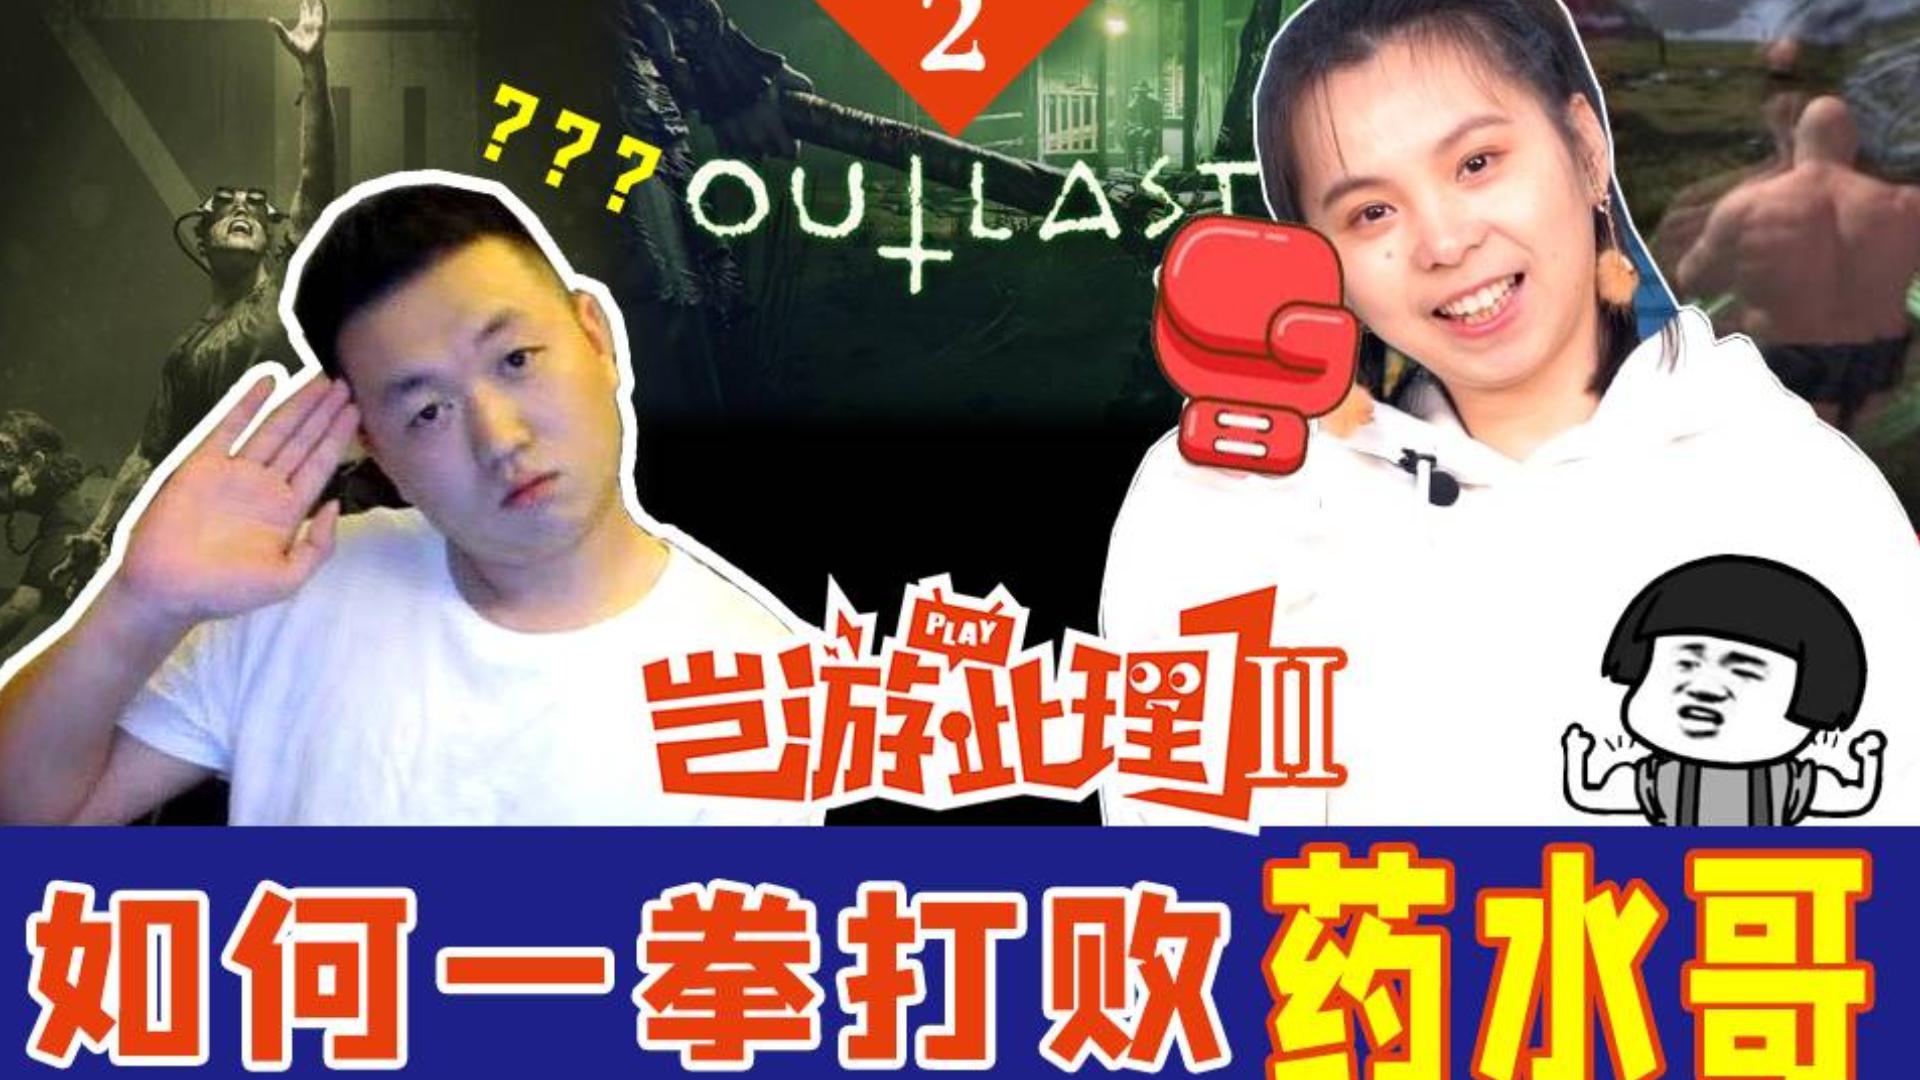 【岂游此理Ⅱ】02如何一拳打败药水哥